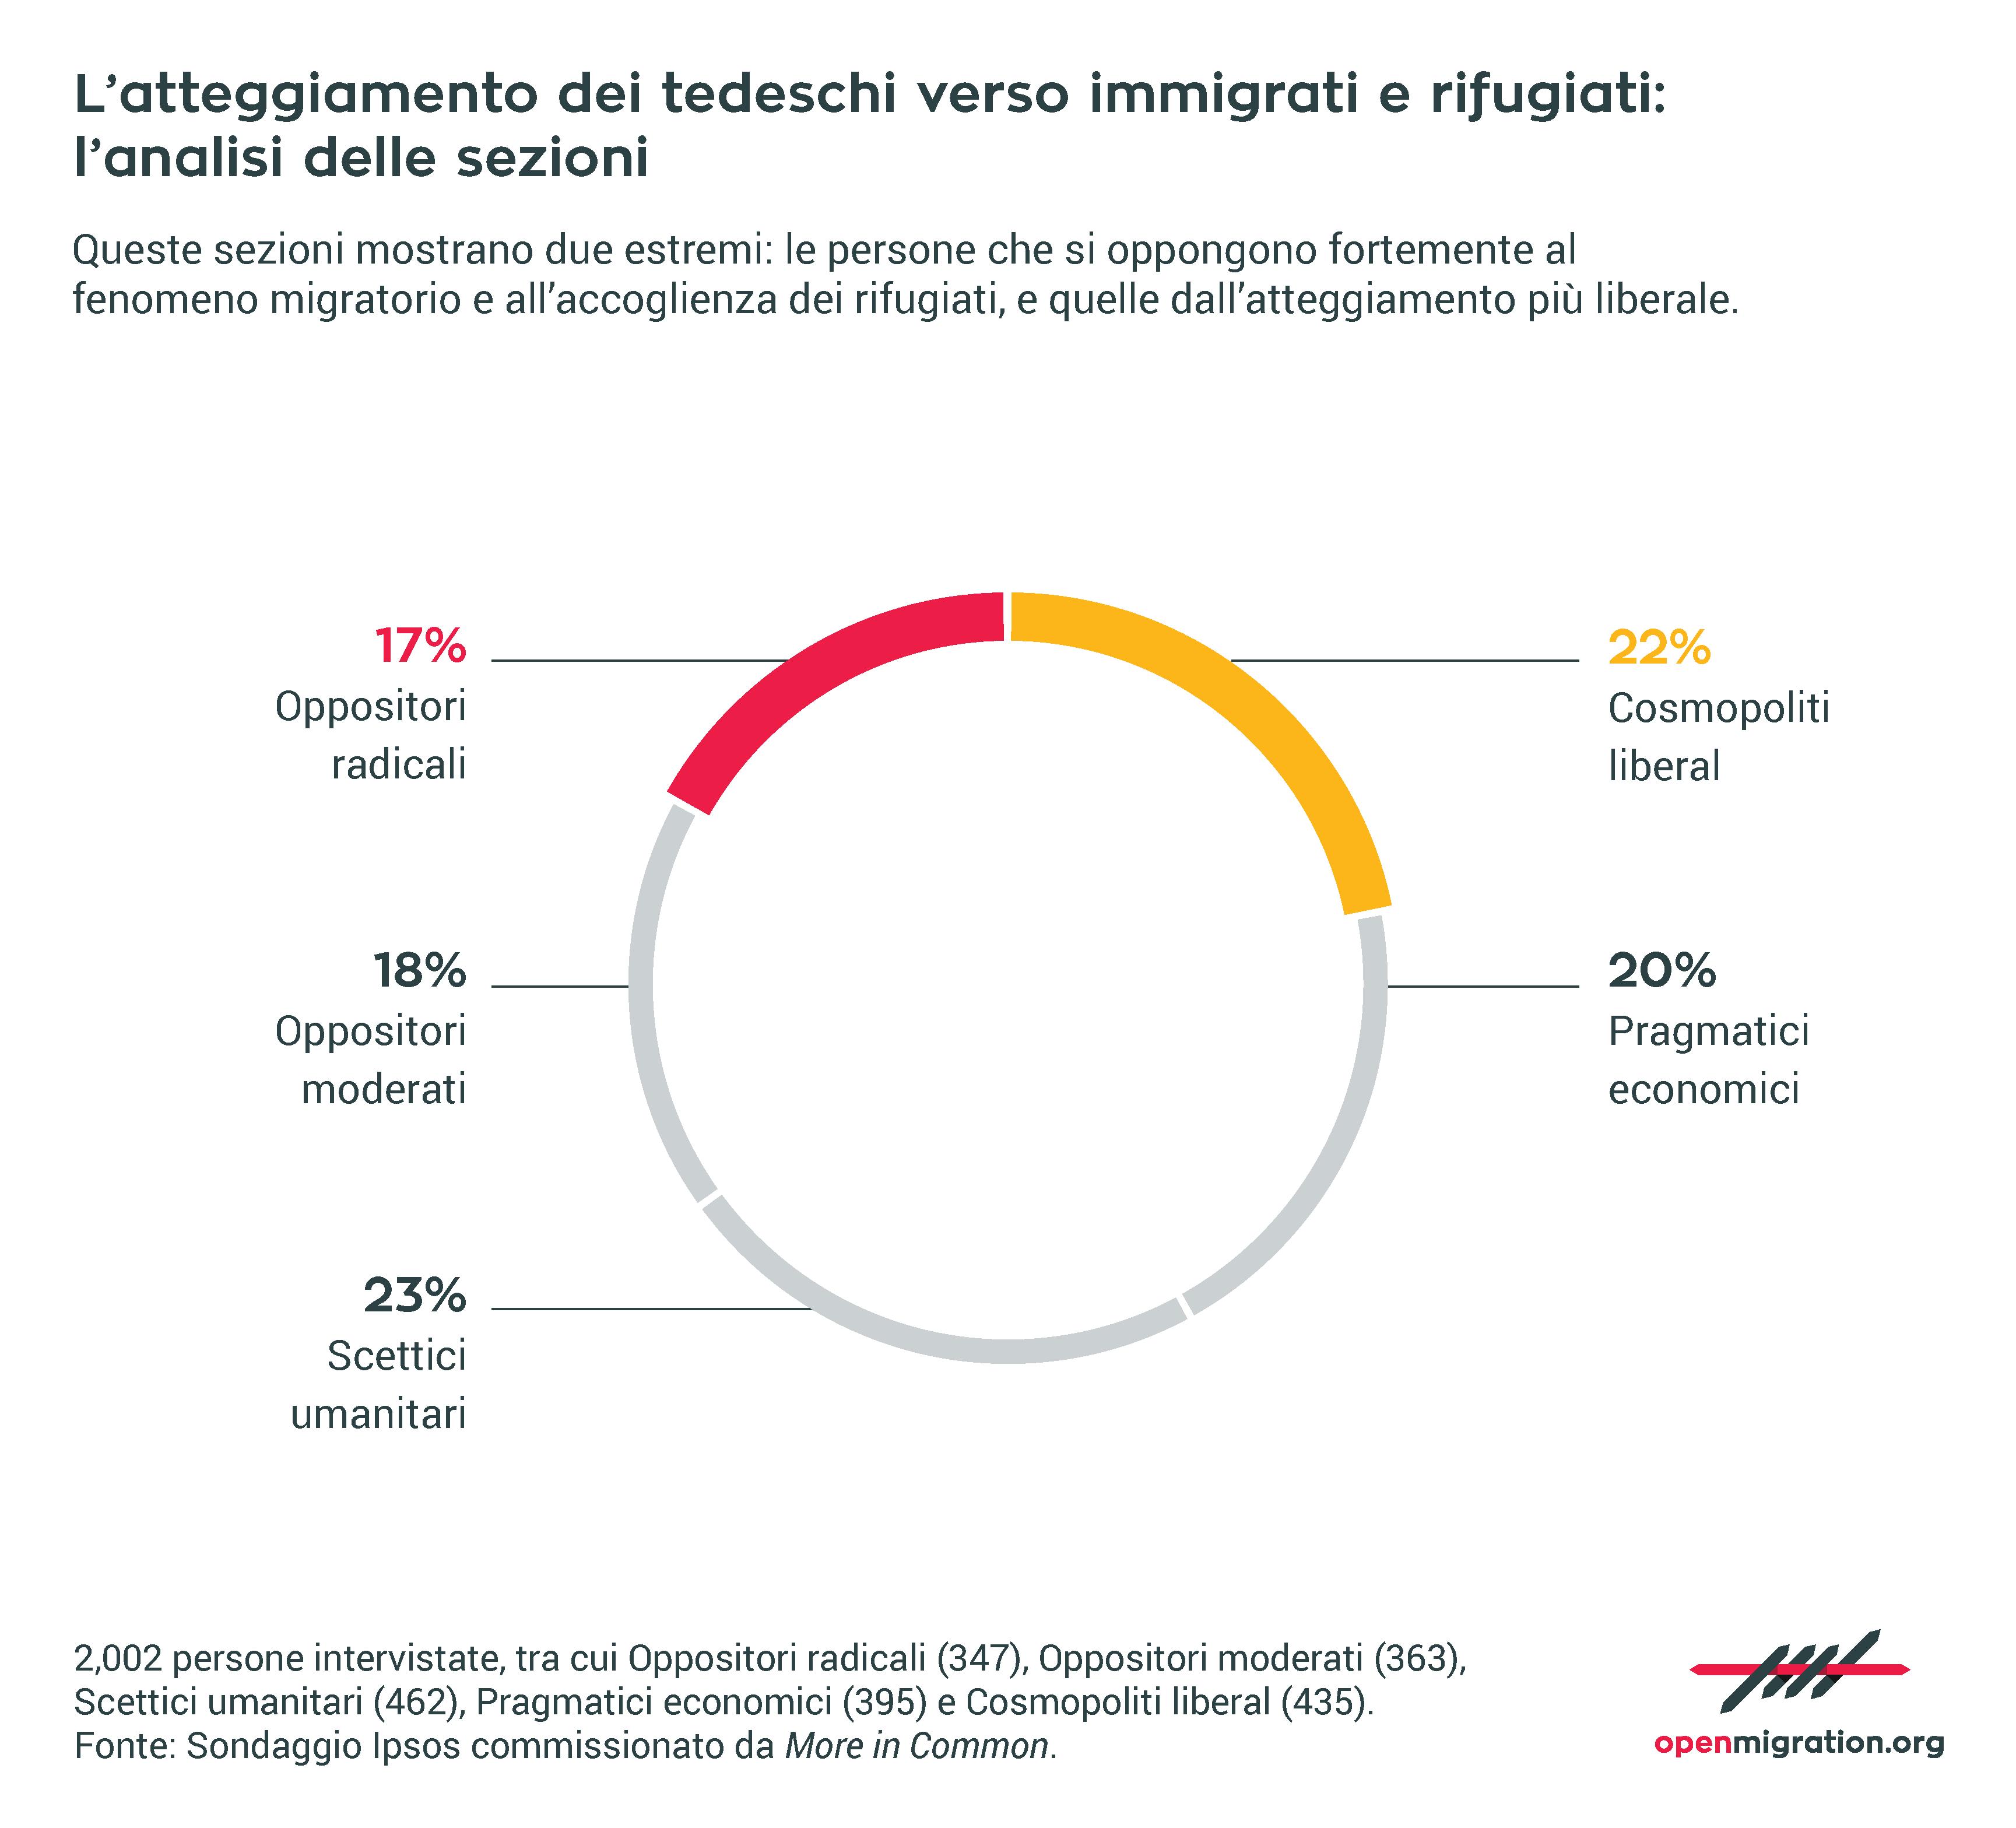 L'atteggiamento dei tedeschi verso immigrati e rifugiati, 2017